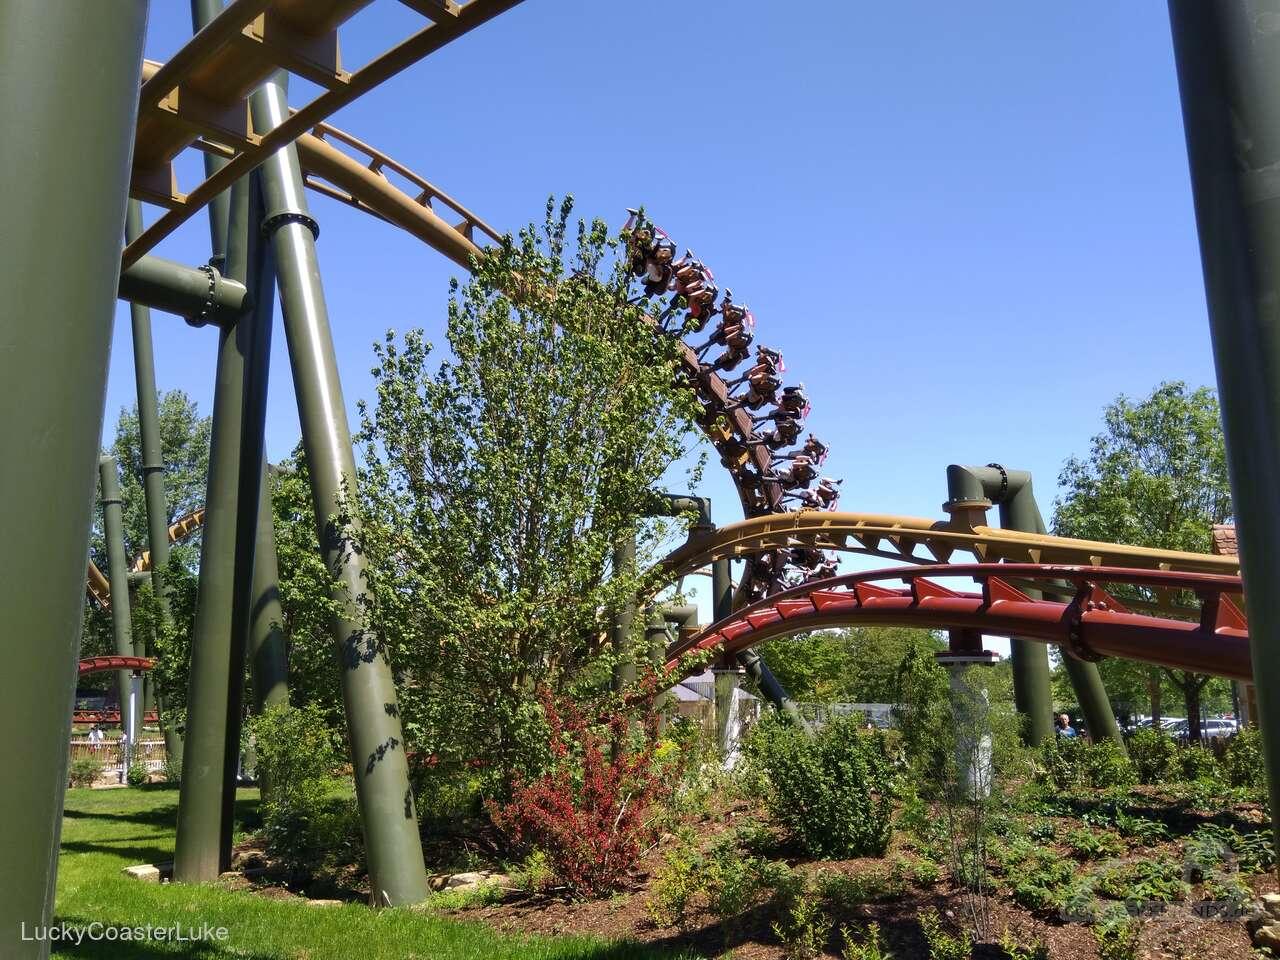 Hals-über-Kopf im Park Erlebnispark Tripsdrill Impressionen